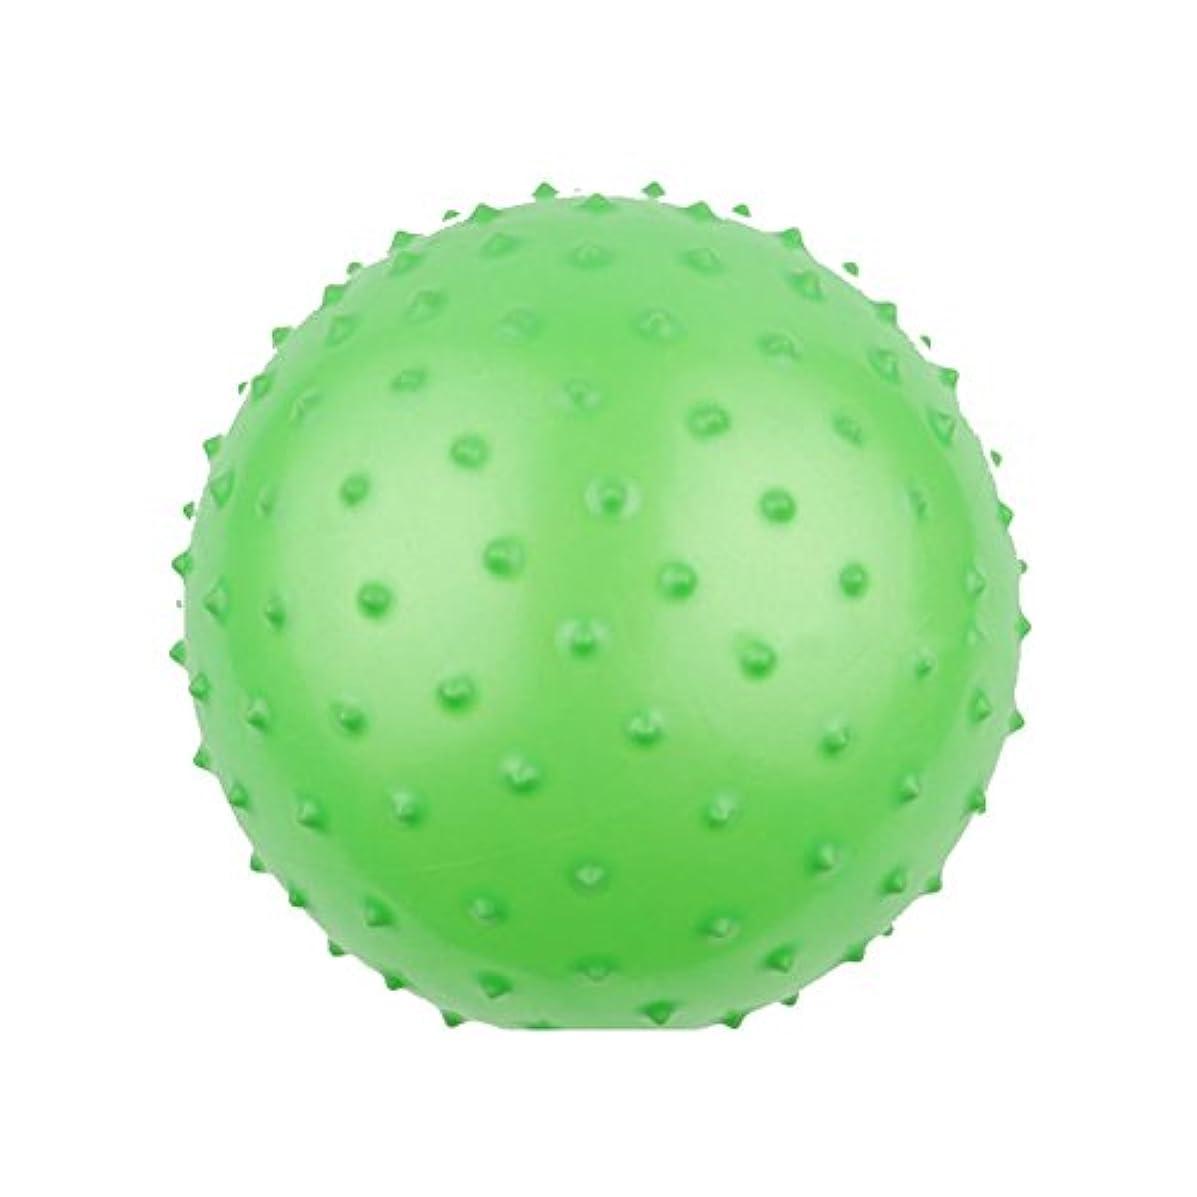 窓を洗う矛盾実質的Liebeye 野球ボール 素敵な野球ボールマッサージボールキッズインフレータブルおもちゃのギフト装飾品(ランダムカラー) 28cmマッサージボール